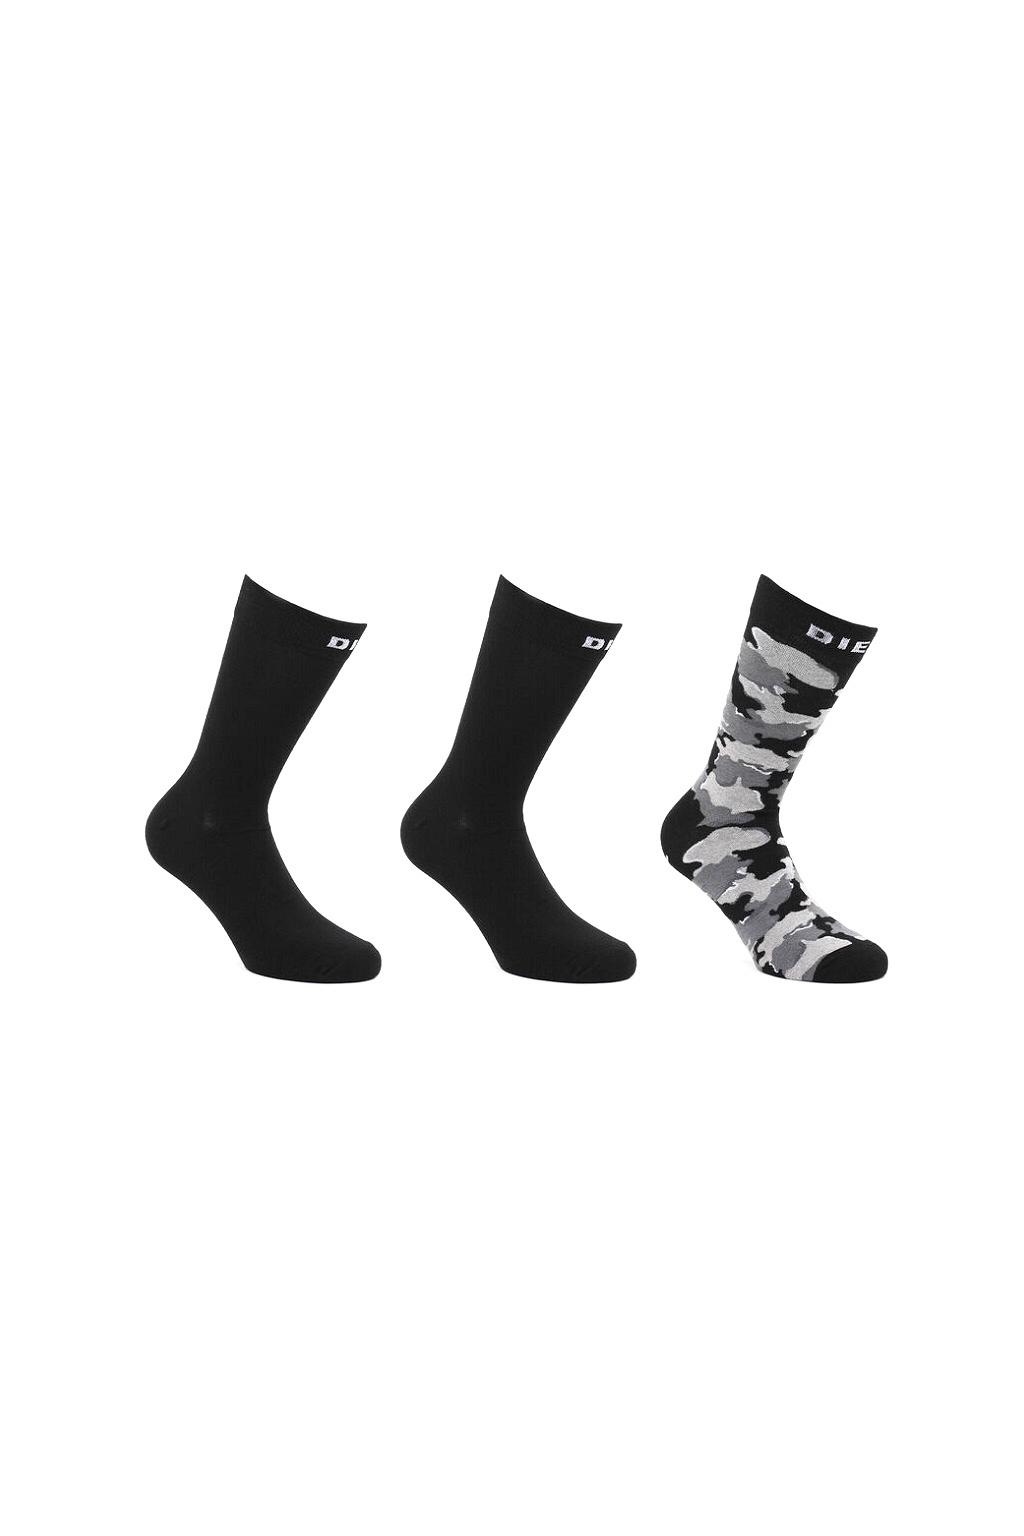 00SAYJ 0TAYO E3865 Pánské ponožky DieselSkm-Ray-Threepack